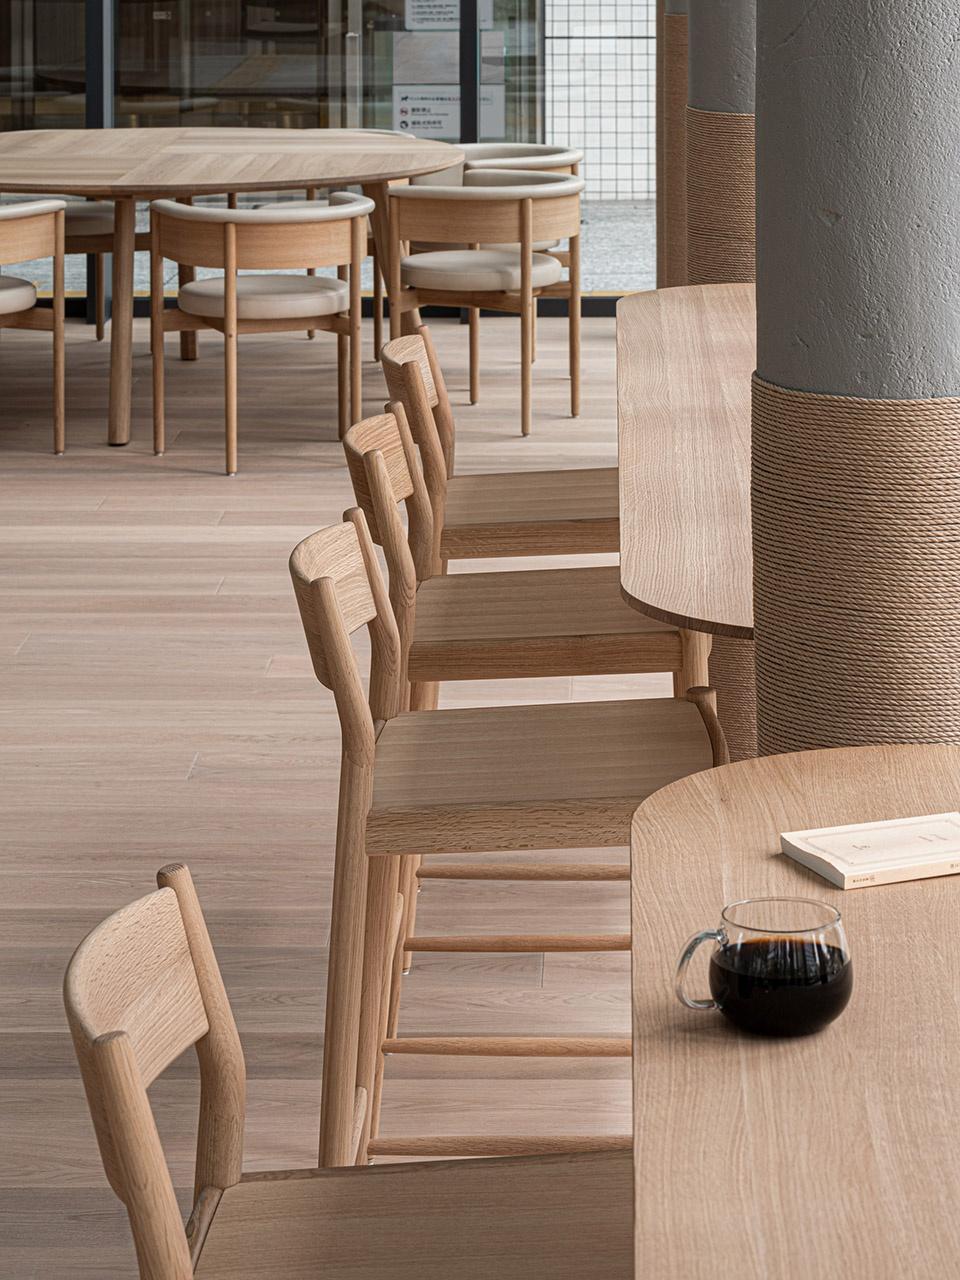 14-Blue-Bottle-Coffee-MinatoMirai-Cafe_Keiji-Ashizawa-Design-960x1280.jpg